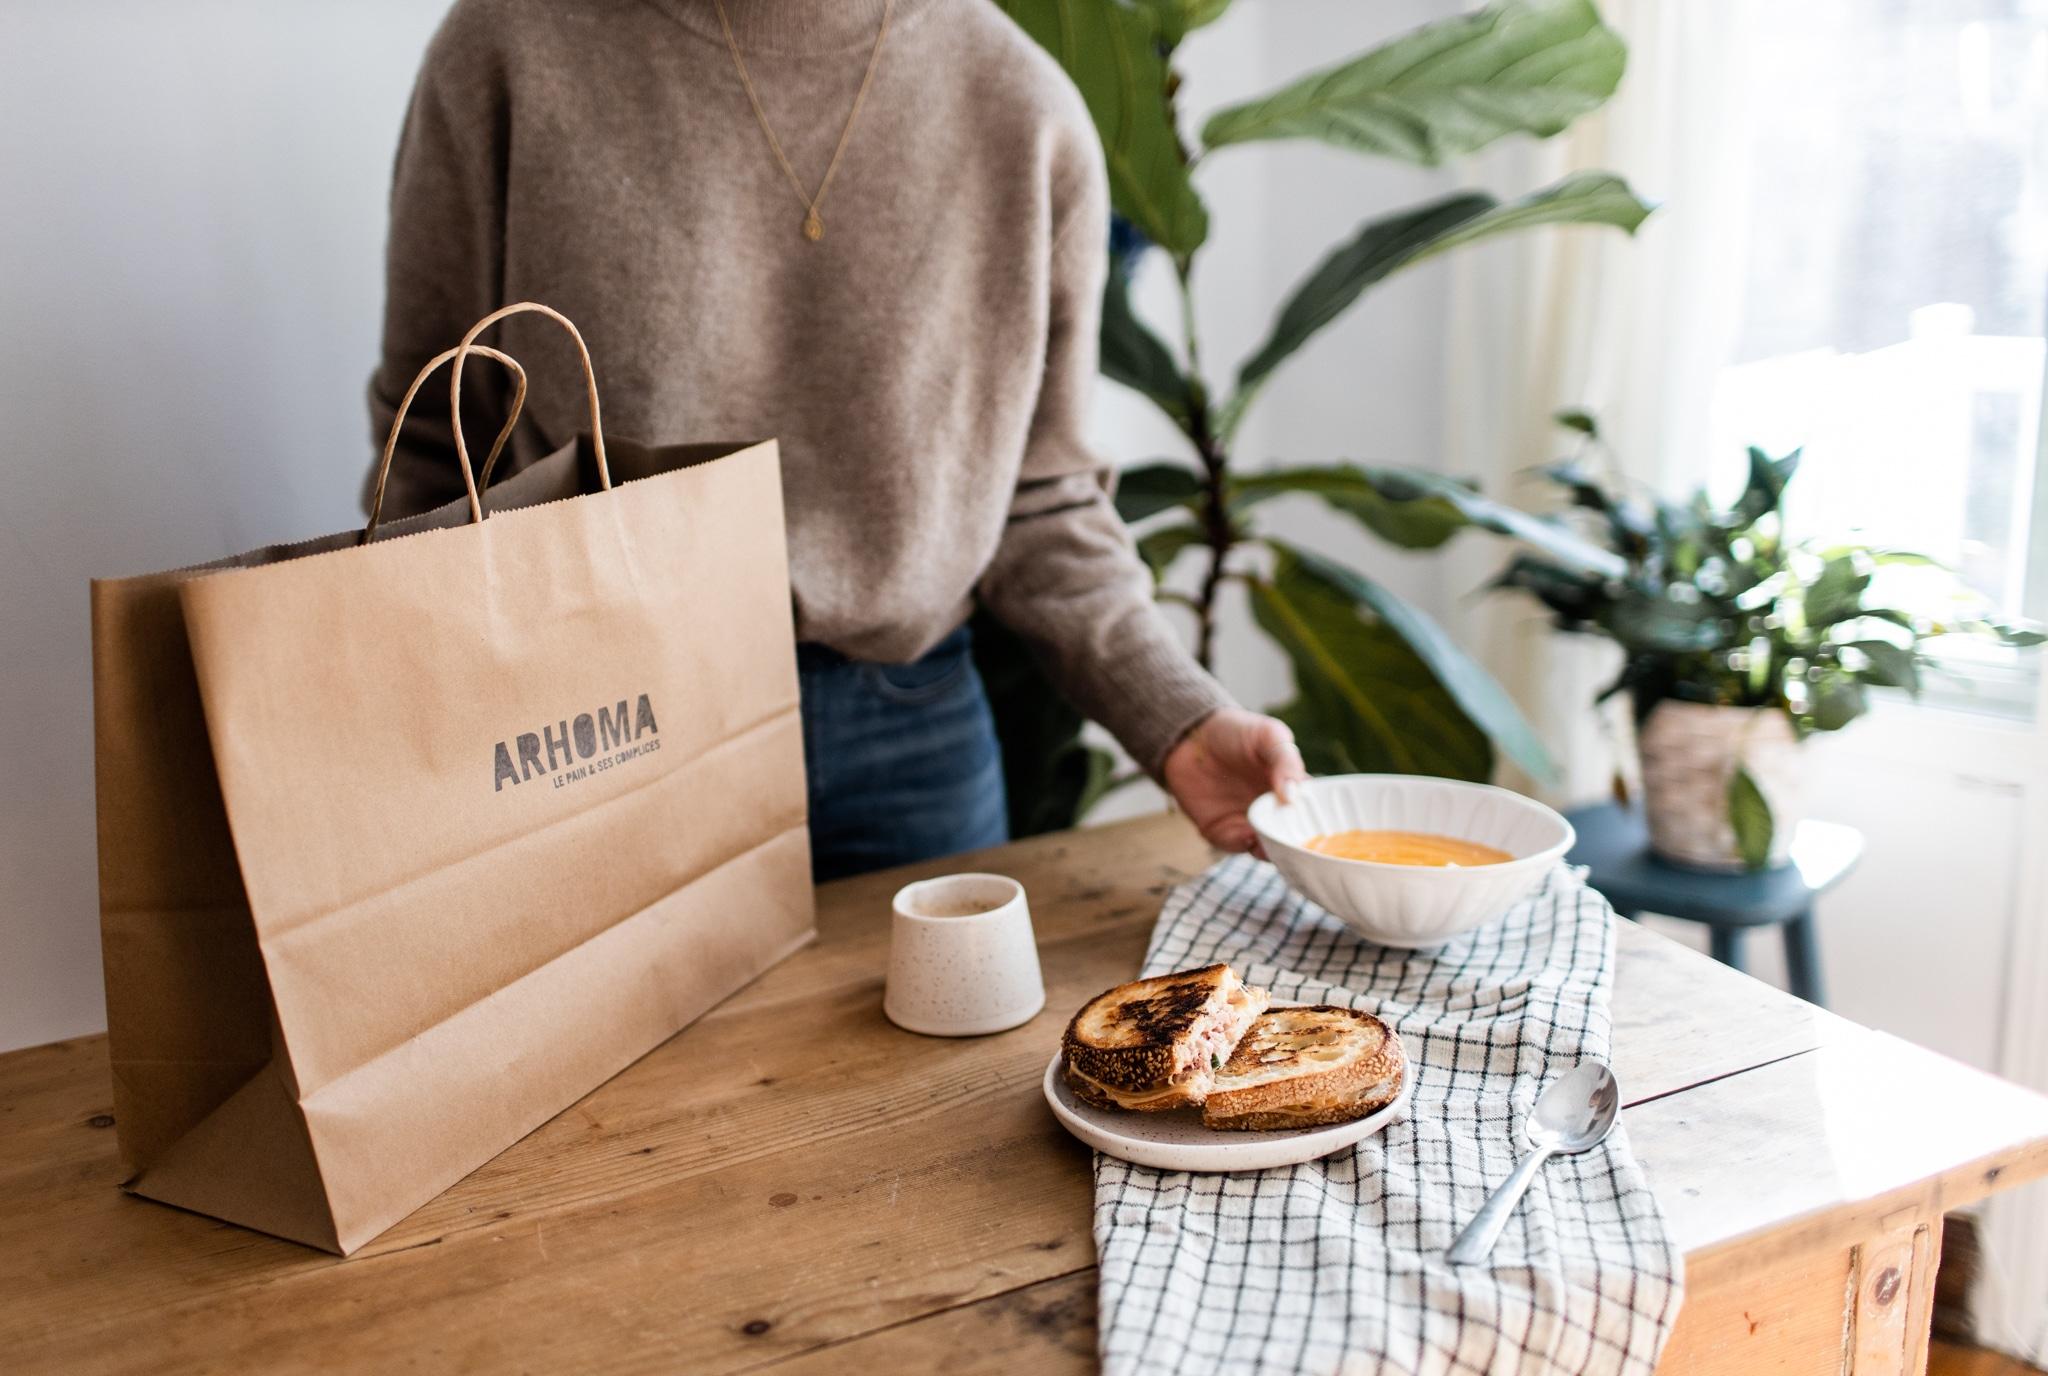 plats réconfortants, Arhoma boulangerie, livraison à domicile, grilled cheese, potage carotte, commande en ligne, livraison, pain maison, boulangerie montréal